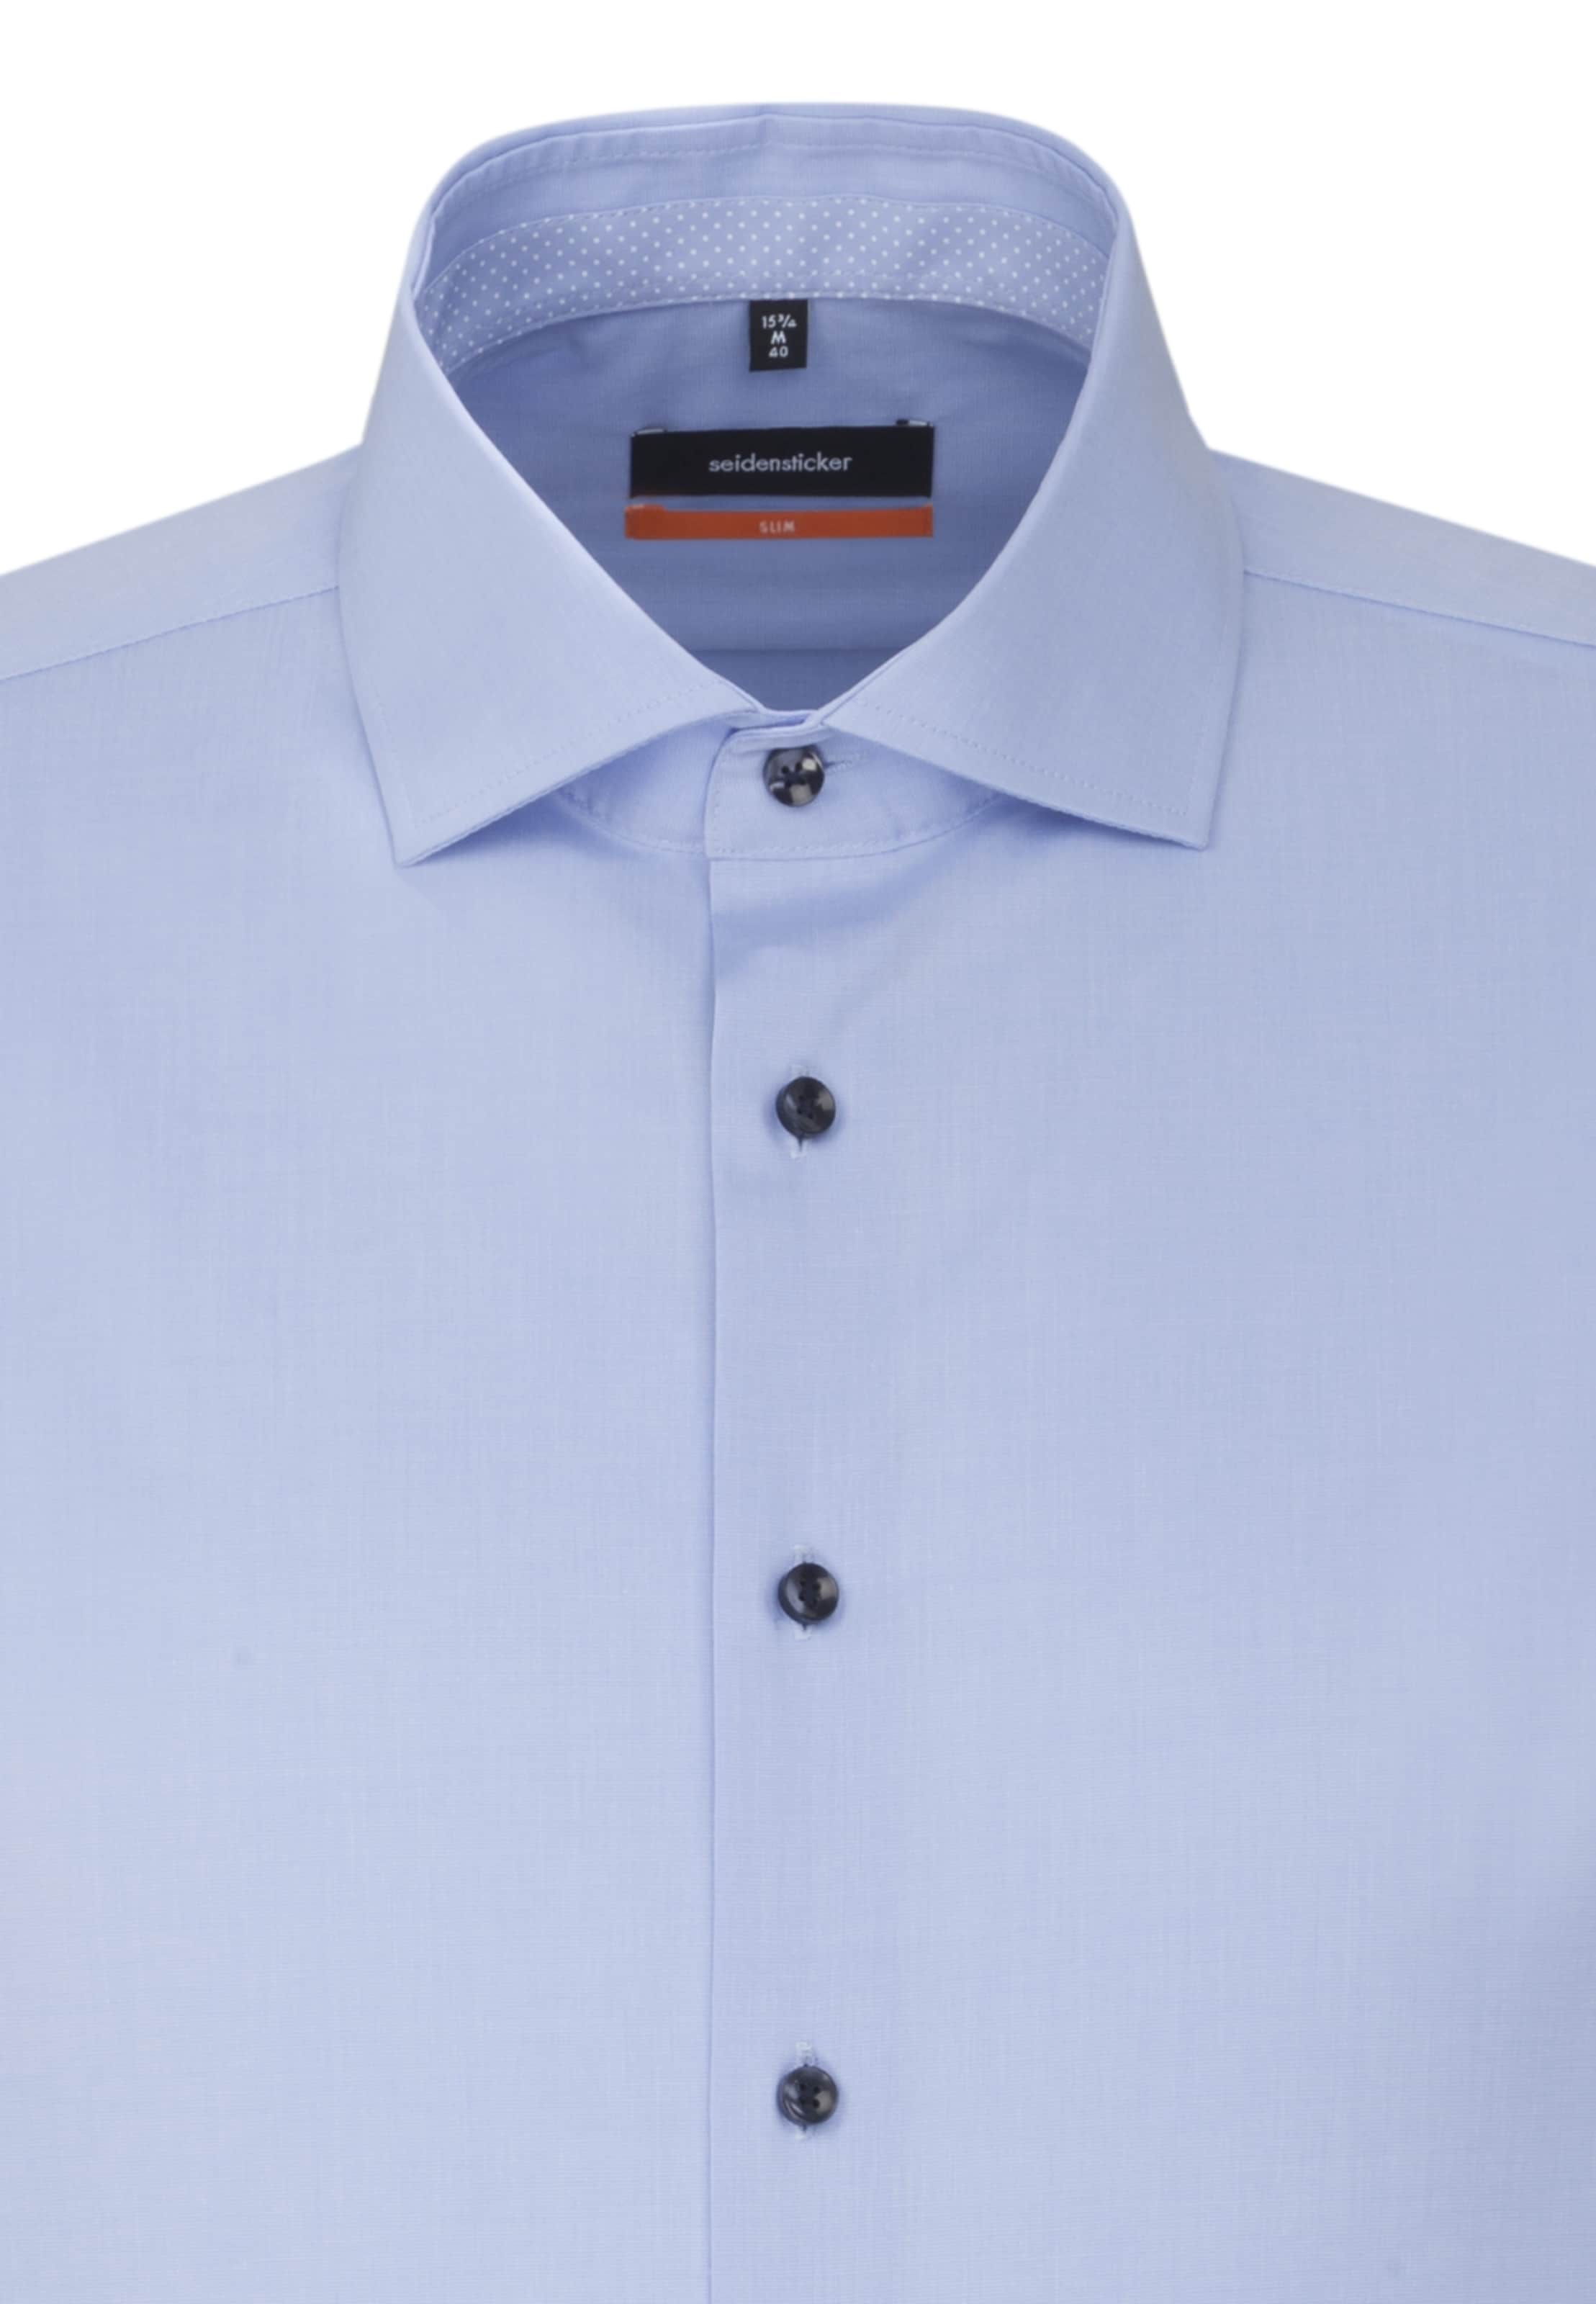 Seidensticker Hemd In In Hellblau Seidensticker Hemd In Hellblau Hemd Seidensticker LGSUpzMVq